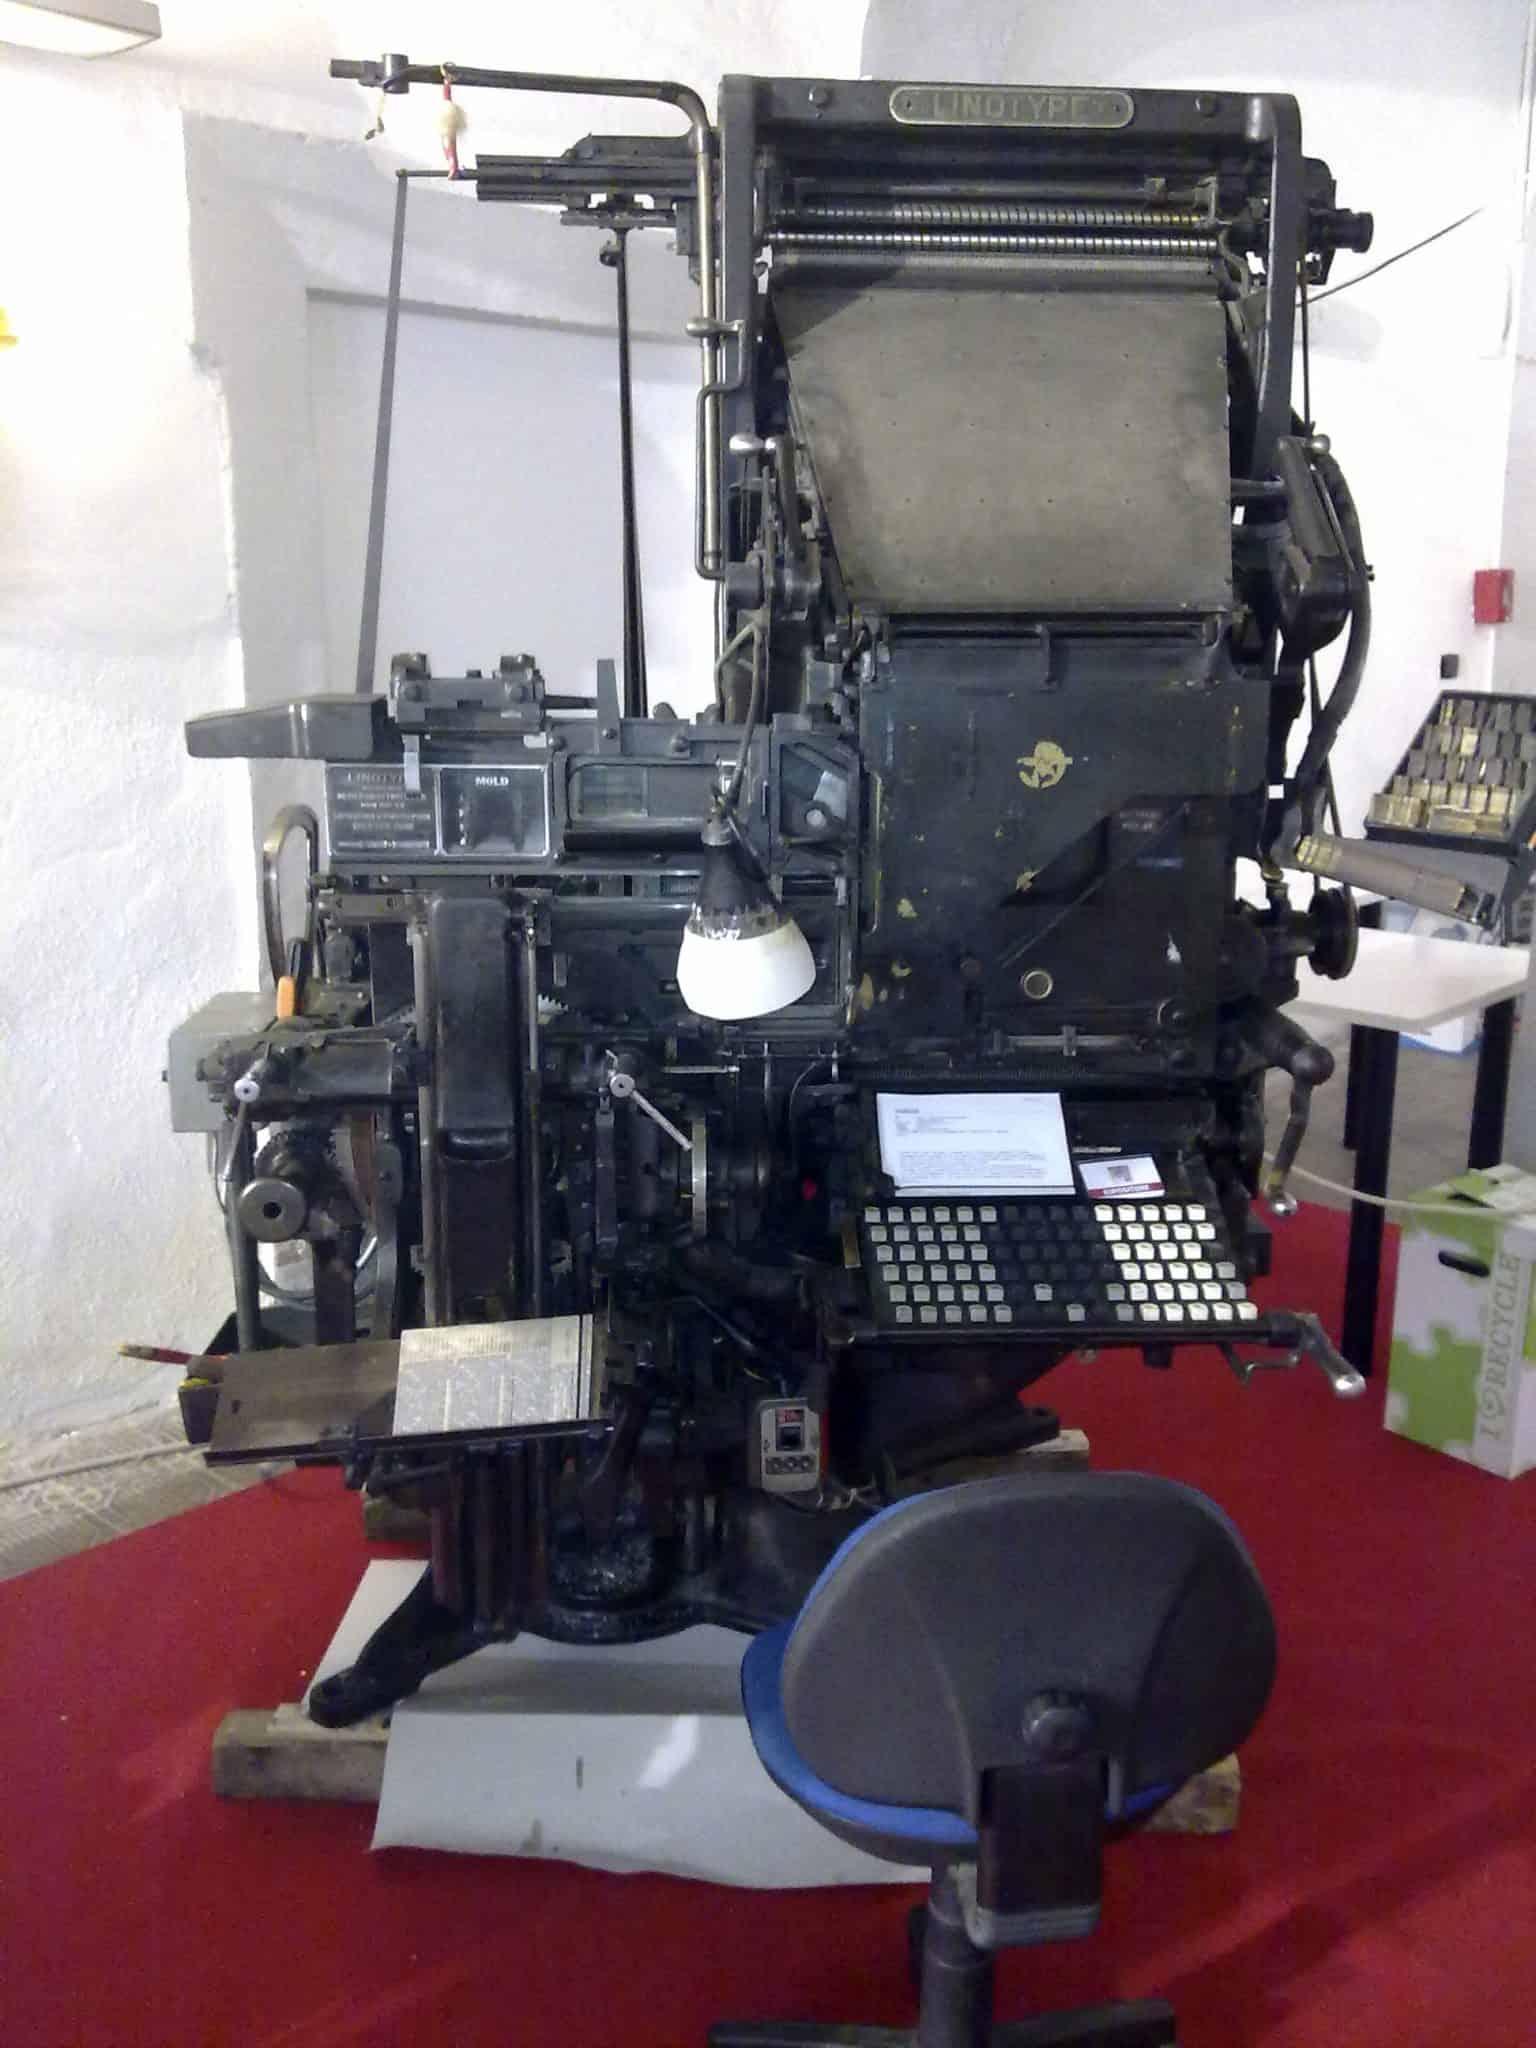 La Linotype sul tappeto rosso a Tolentino Expo 2012